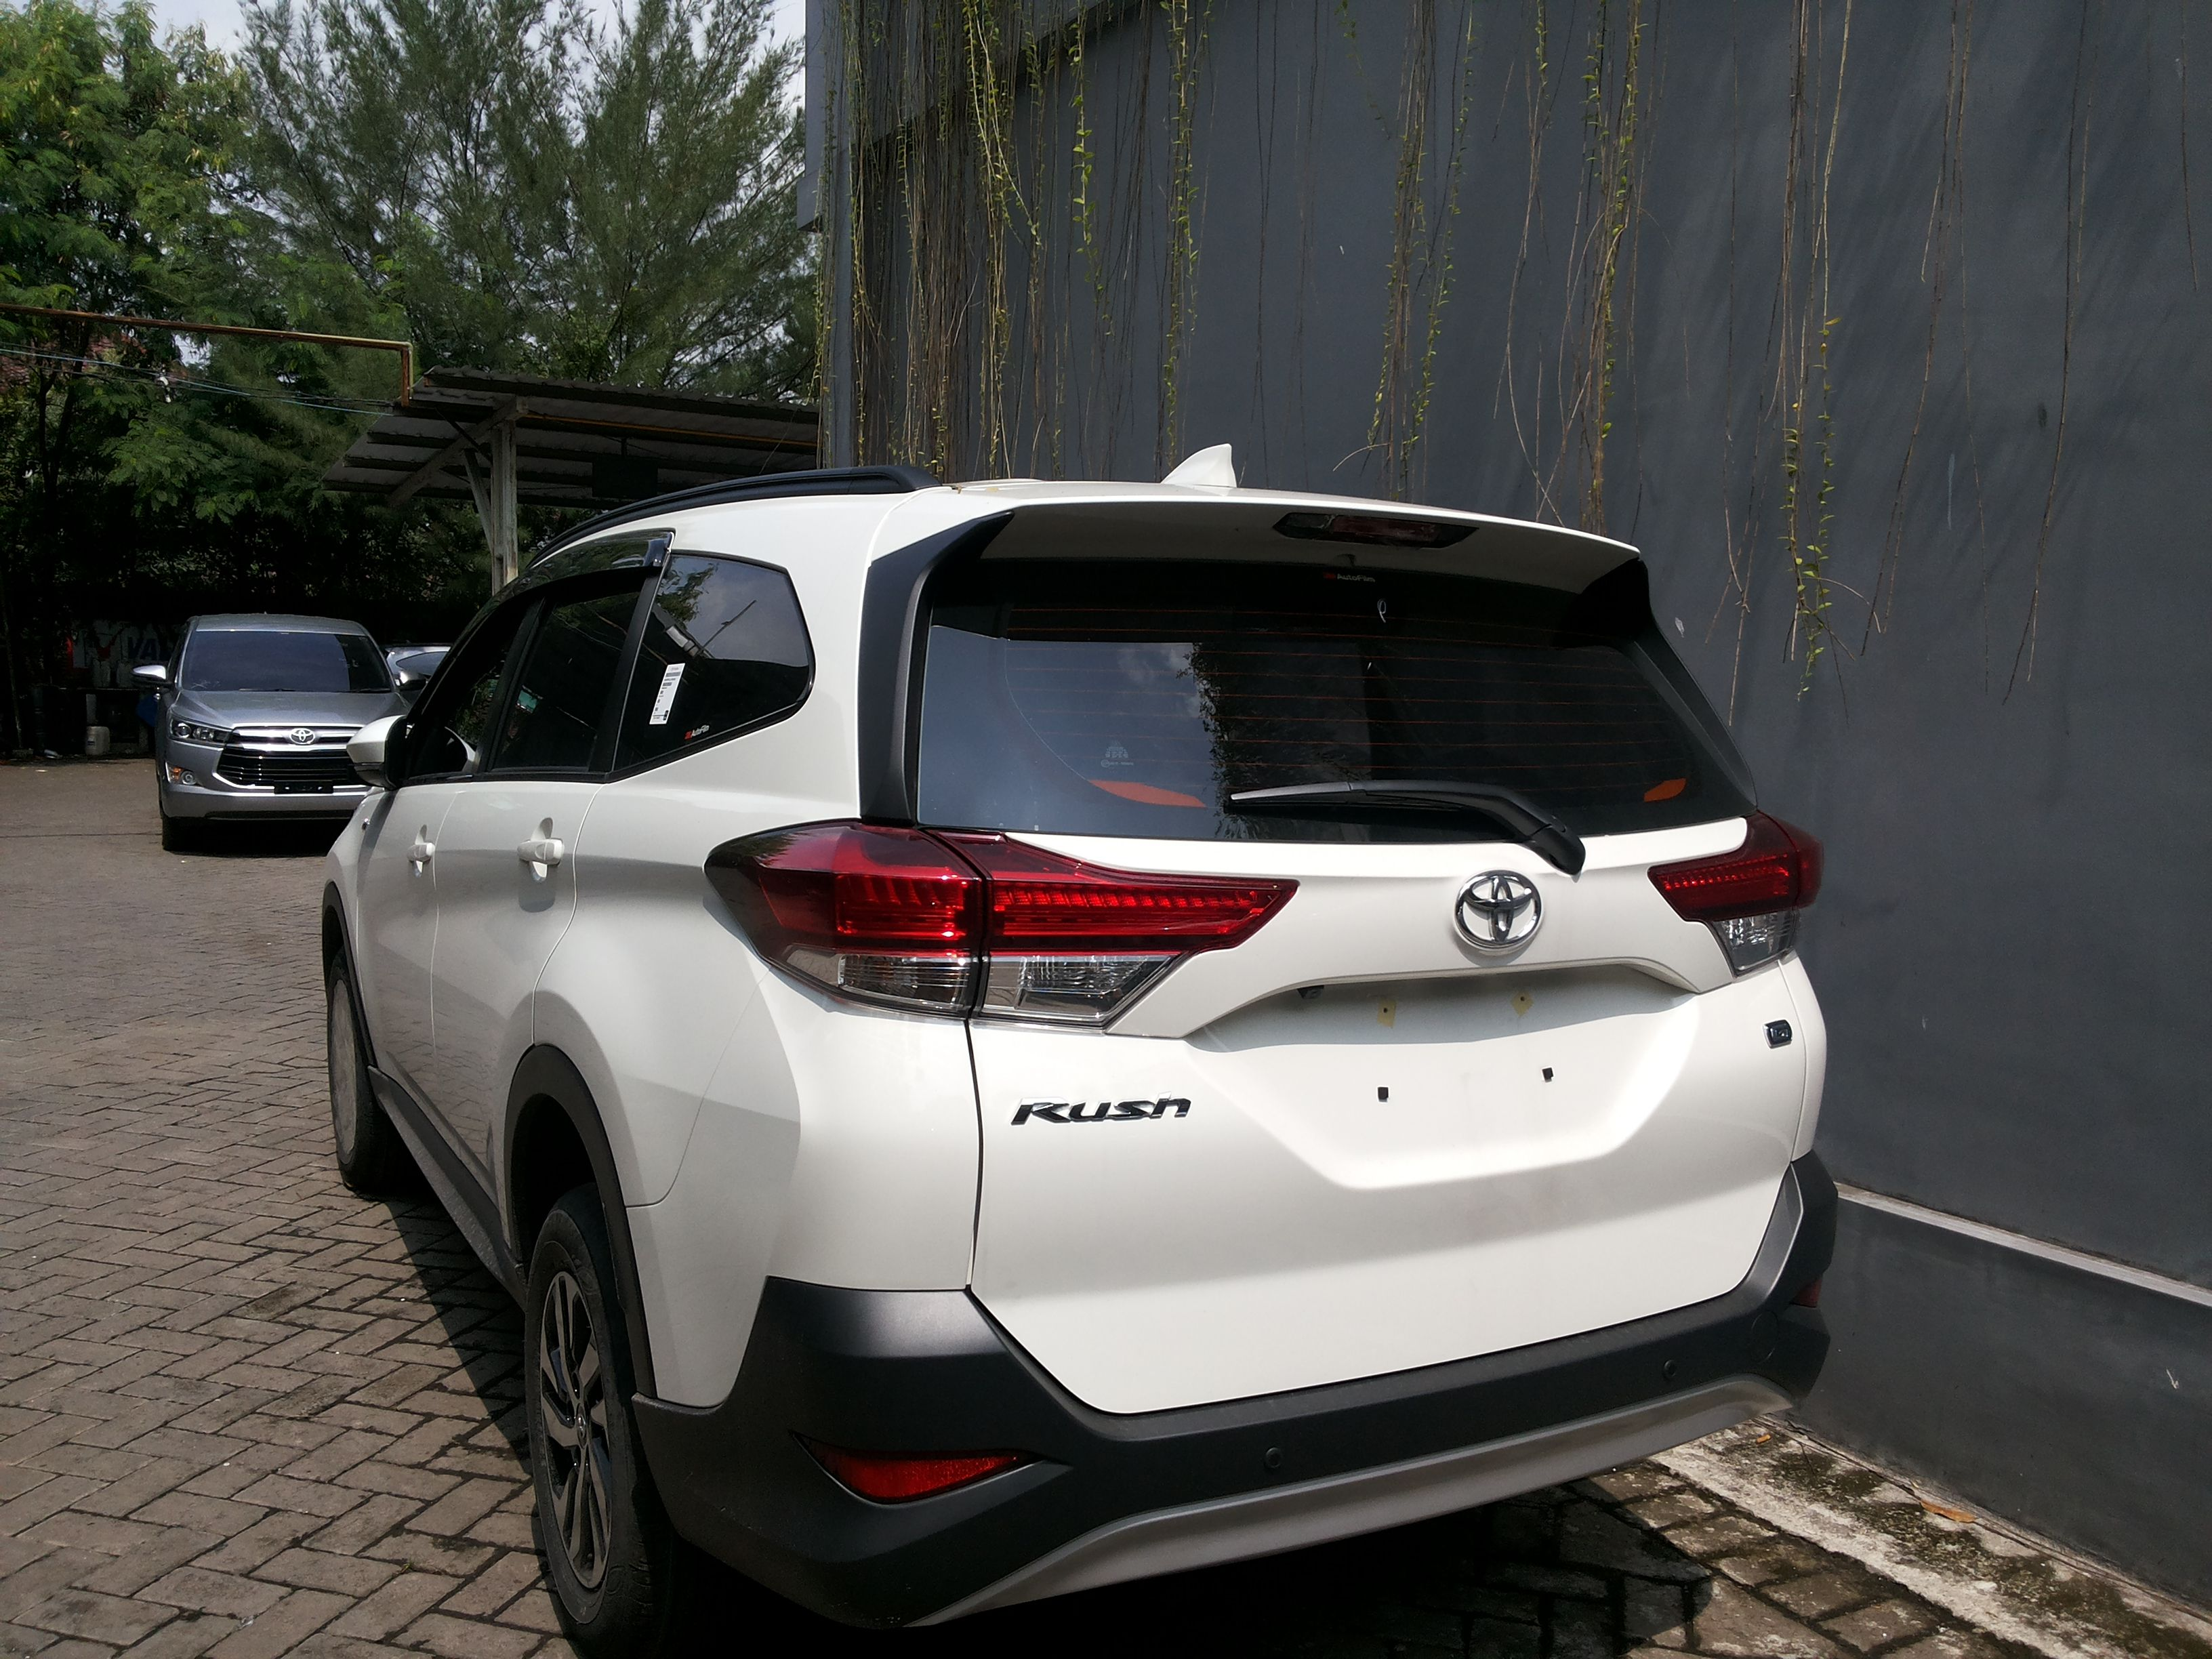 Bagian Belakang All New Rush G White 2018 Unit Cepat Segera Booking Sekarang Juga Hubungi Kami Dan Dapatkan Harga Terbaik Disin Toyota Rush Surabaya